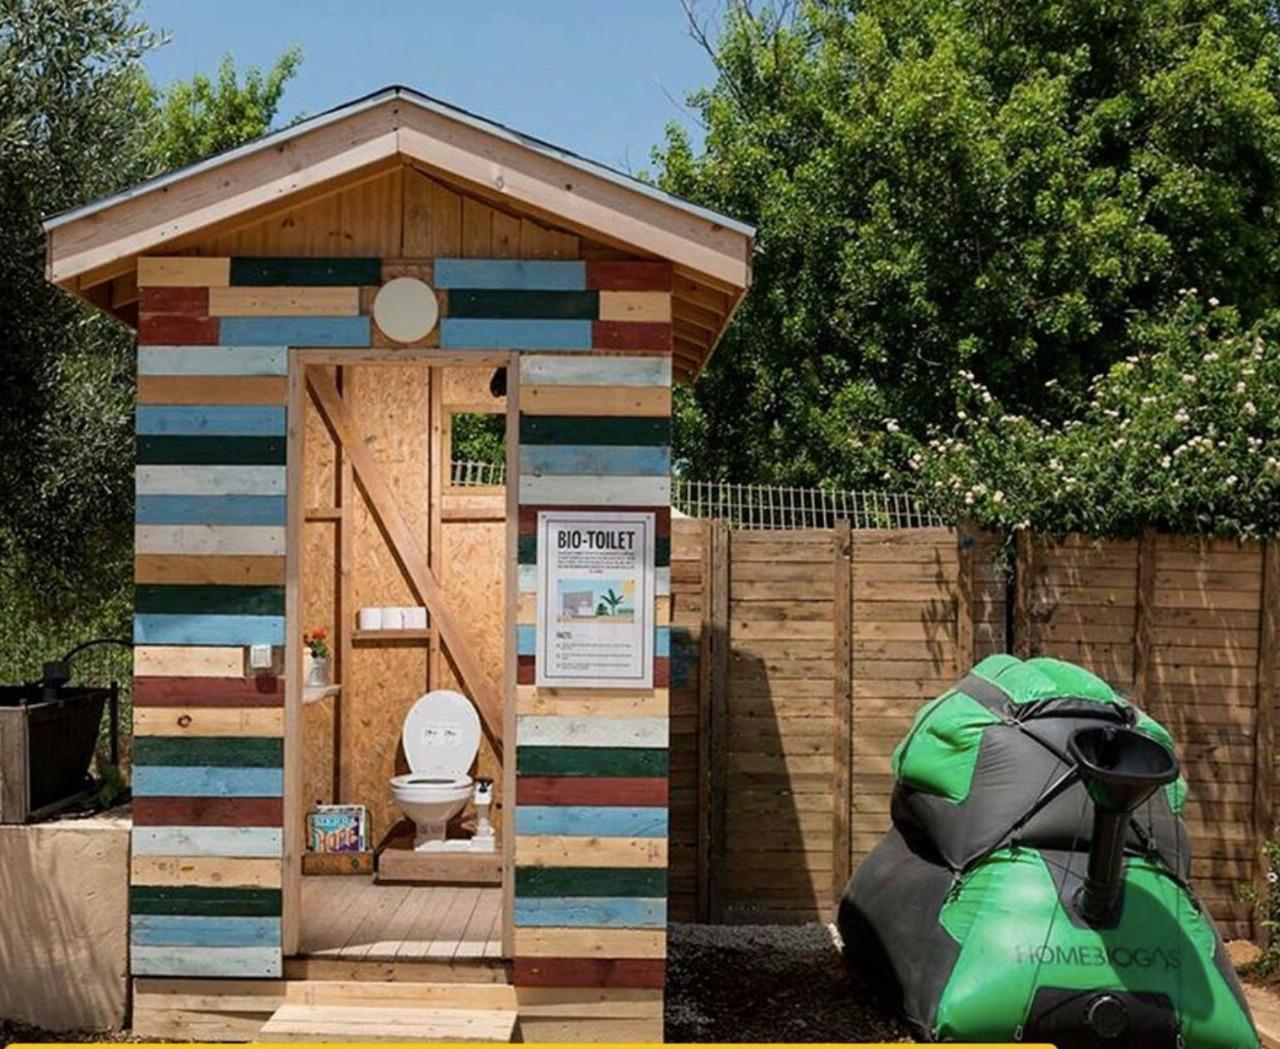 A HomeBiogas biotoilet